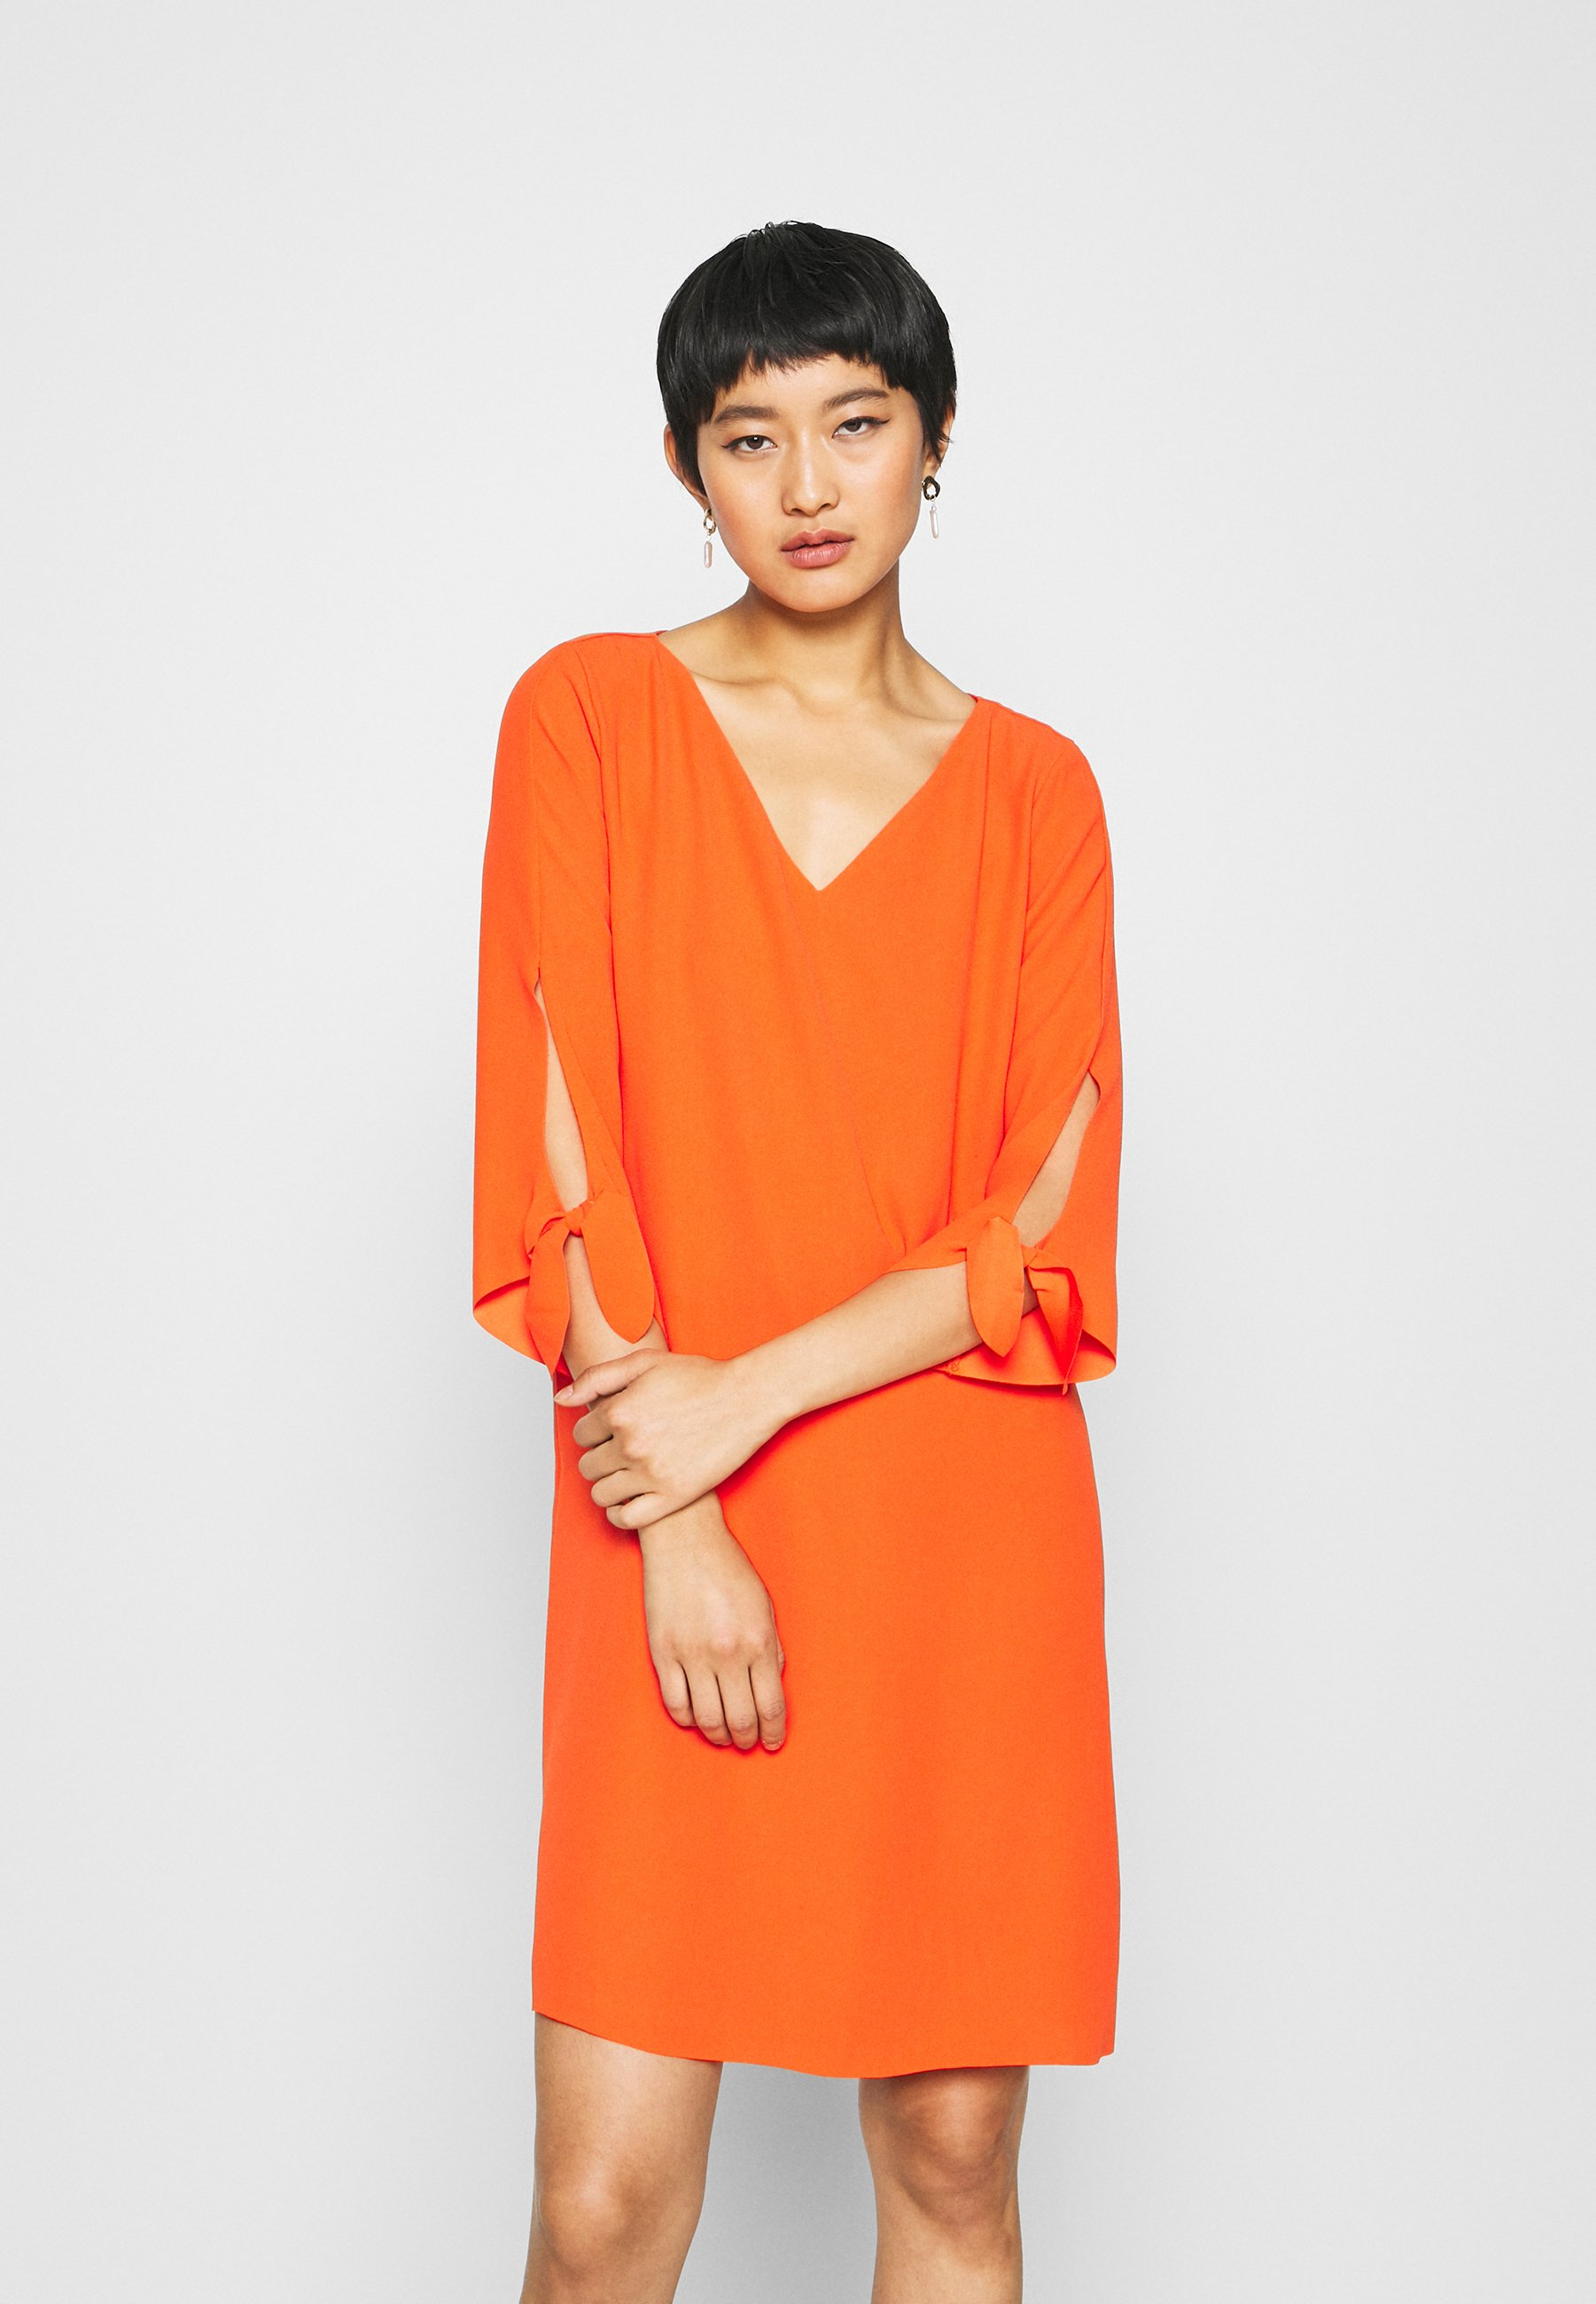 DRESS   Freizeitkleid   red orange